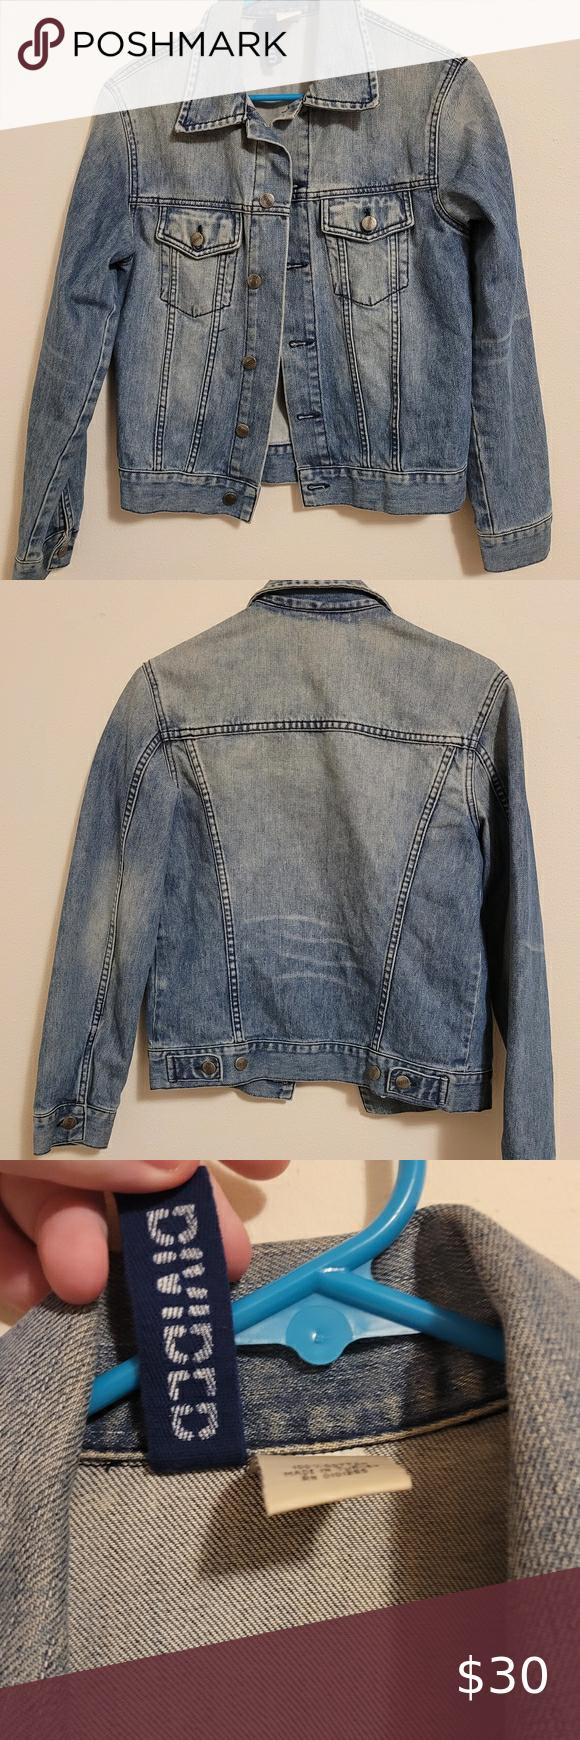 Oversized Denim Jacket Slightly Cropped Divided Jackets Coats Jean Jackets Oversized Denim Jacket Denim Jacket Jackets [ 1740 x 580 Pixel ]